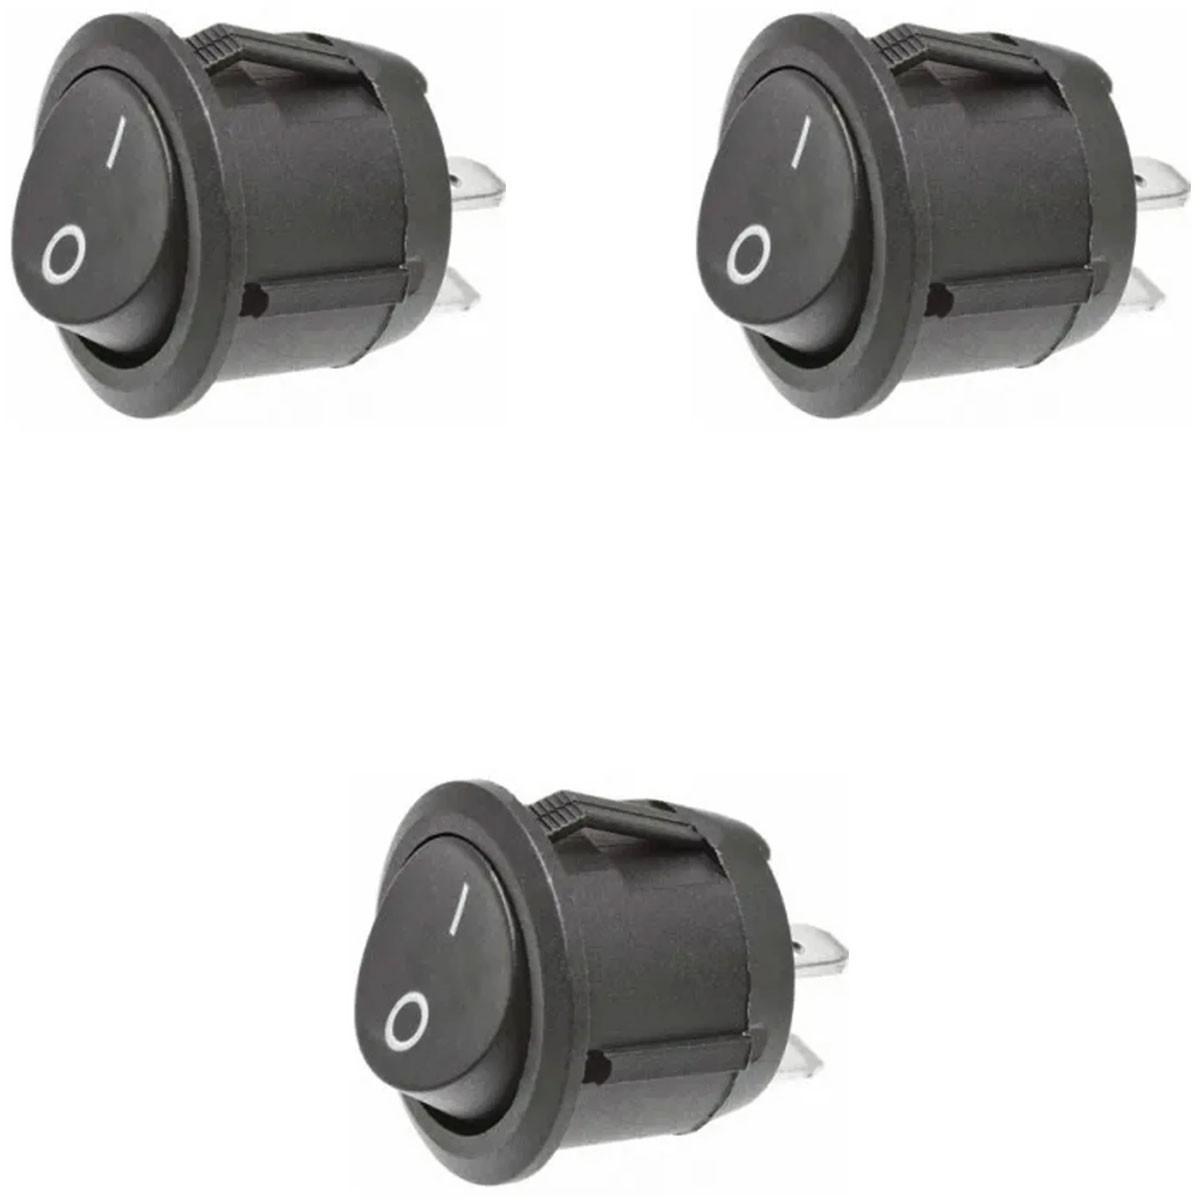 3x Chave / Botão Tic Tac Redonda Preta On / Off - 2 Posições 2 Terminais